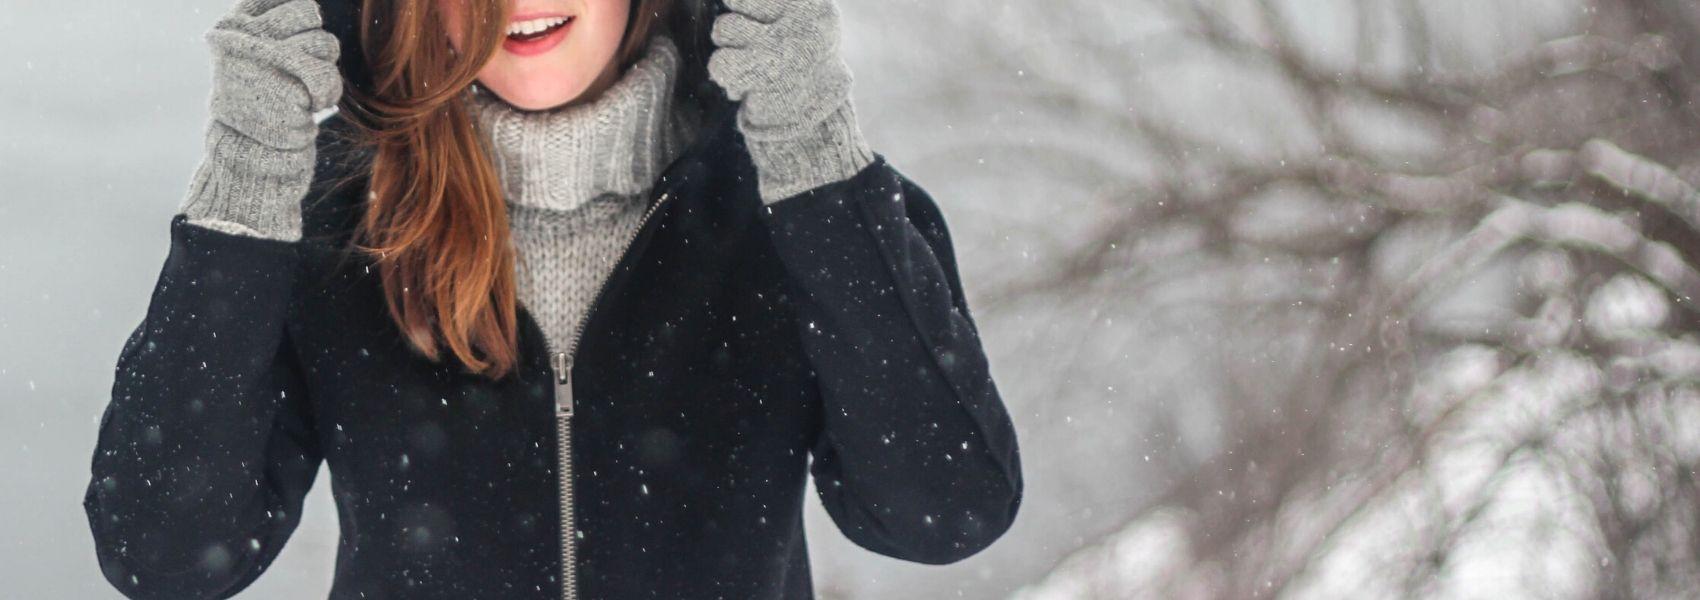 Manter a saúde e segurança nos meses mais frios